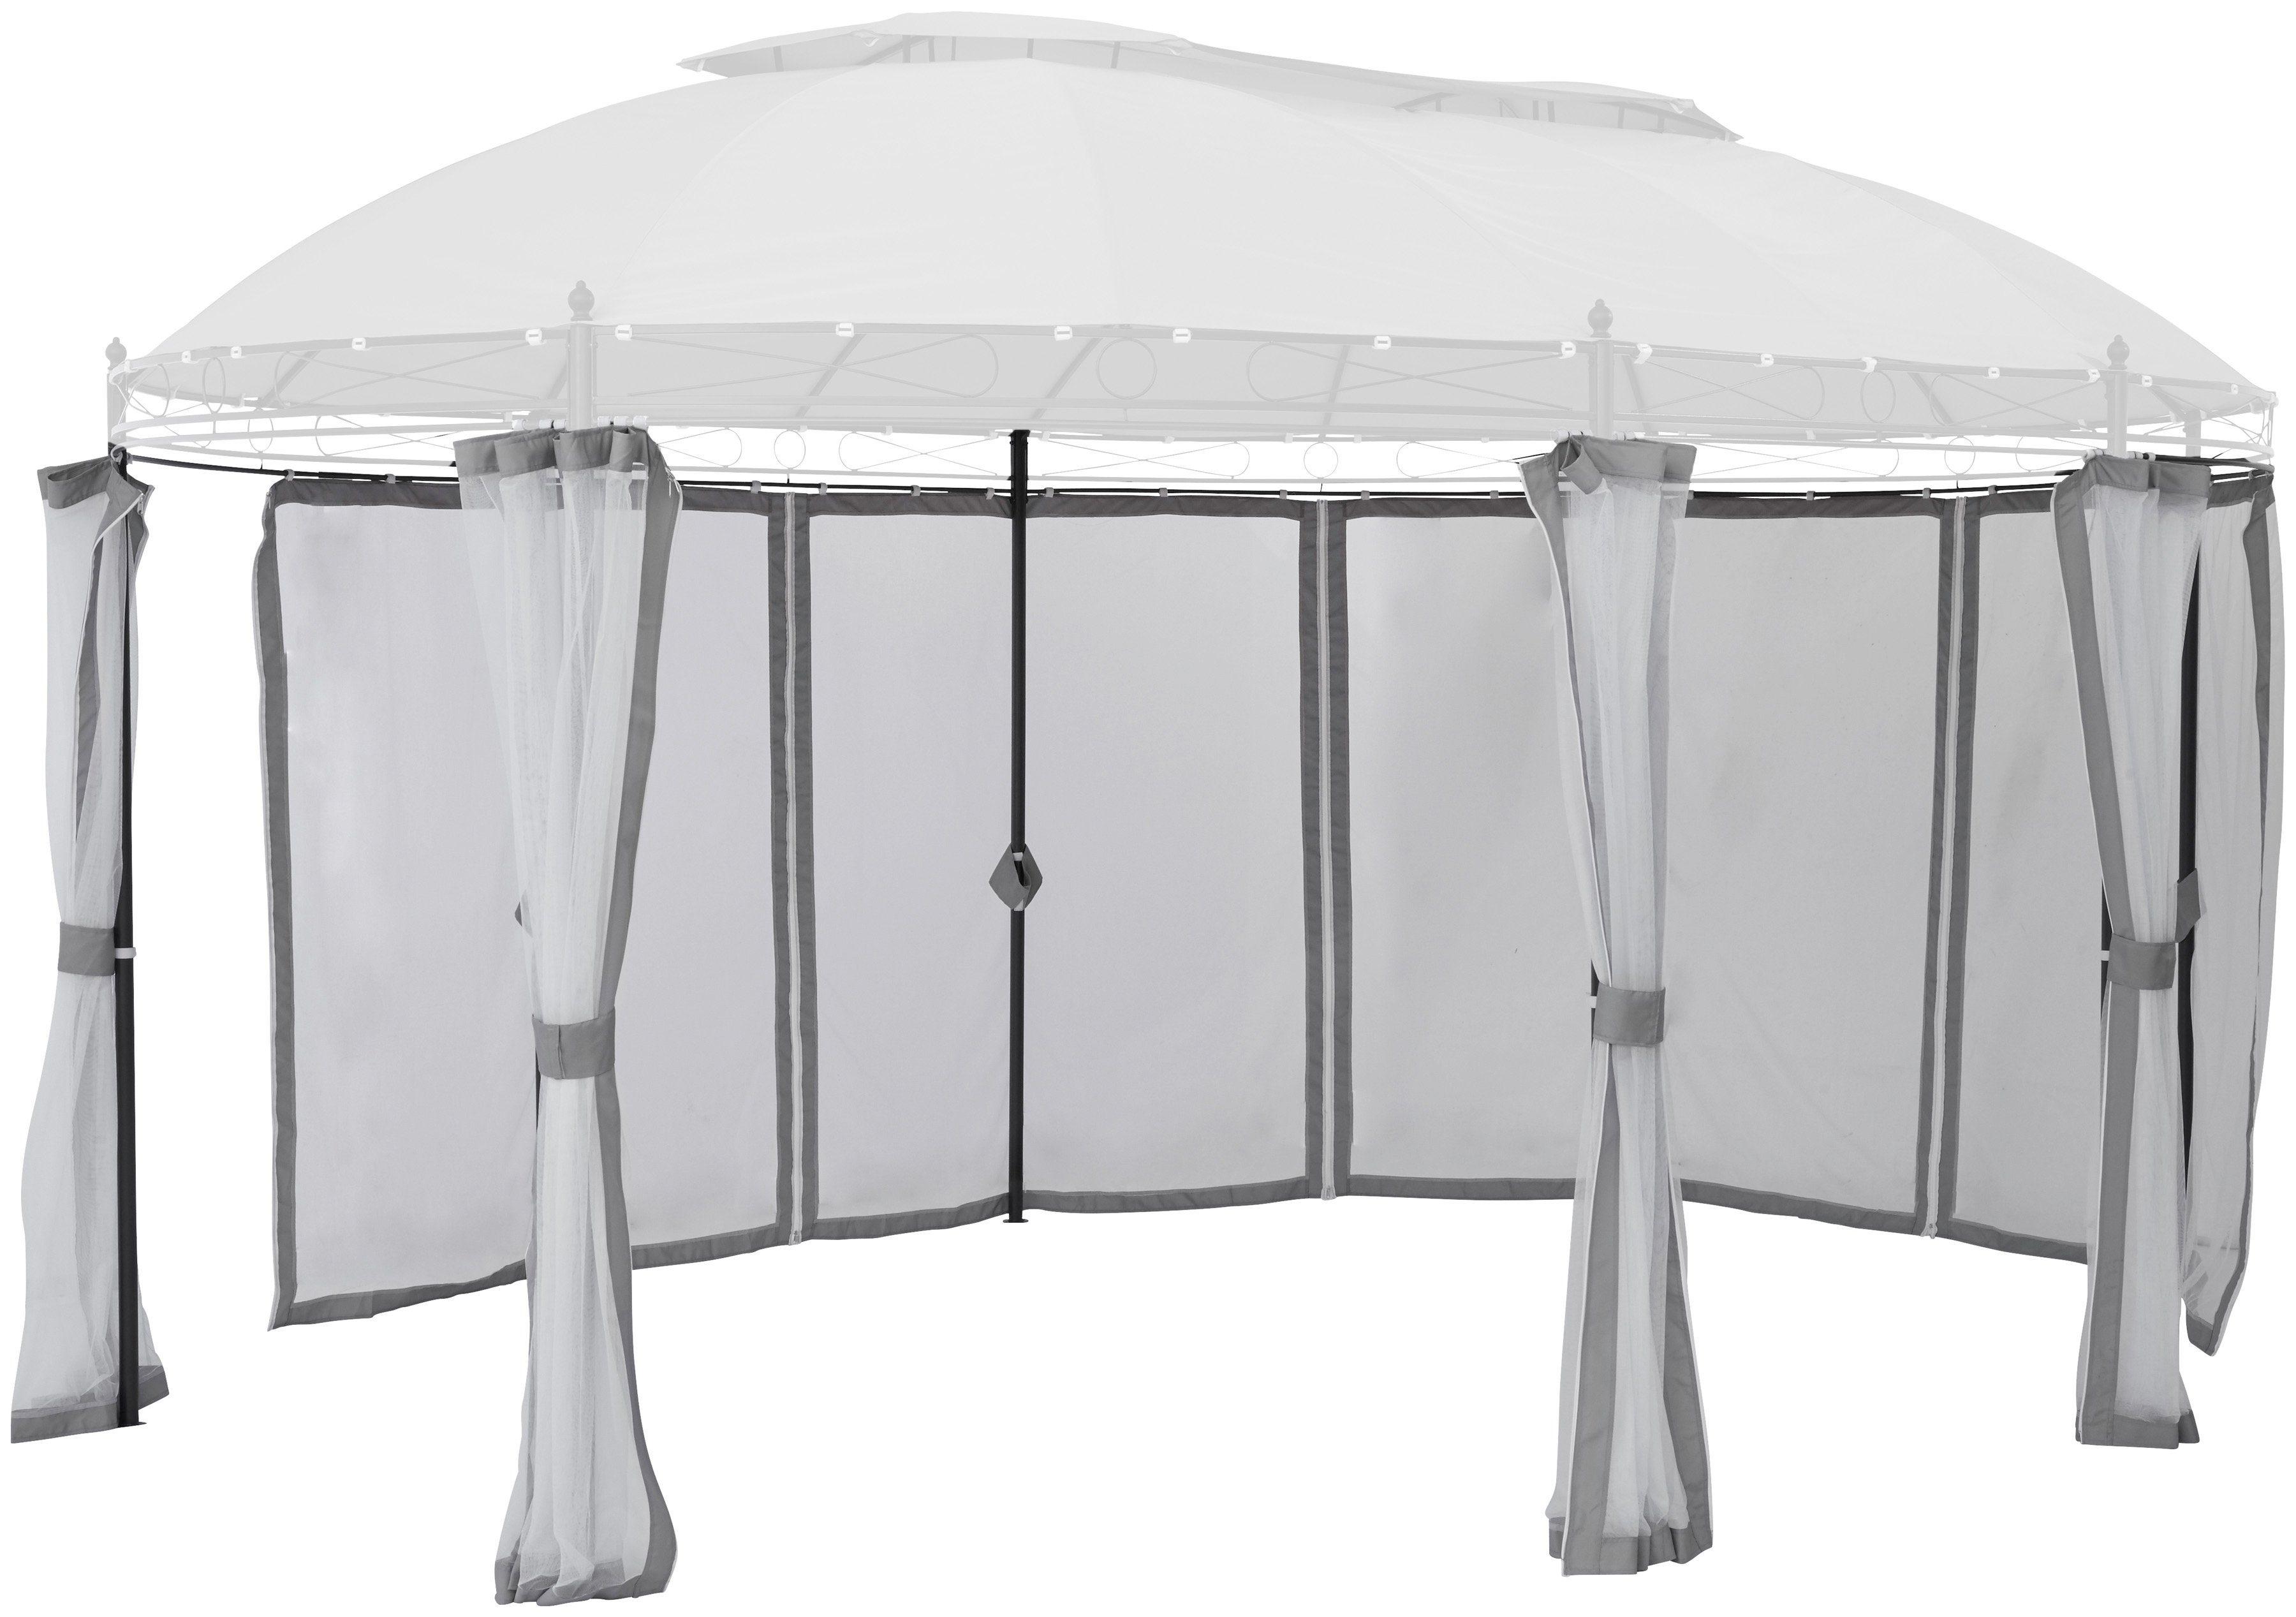 KONIFERA Seitenteile für Pavillon »Oval«, grau, 8 Stk., mit Moskitonetz